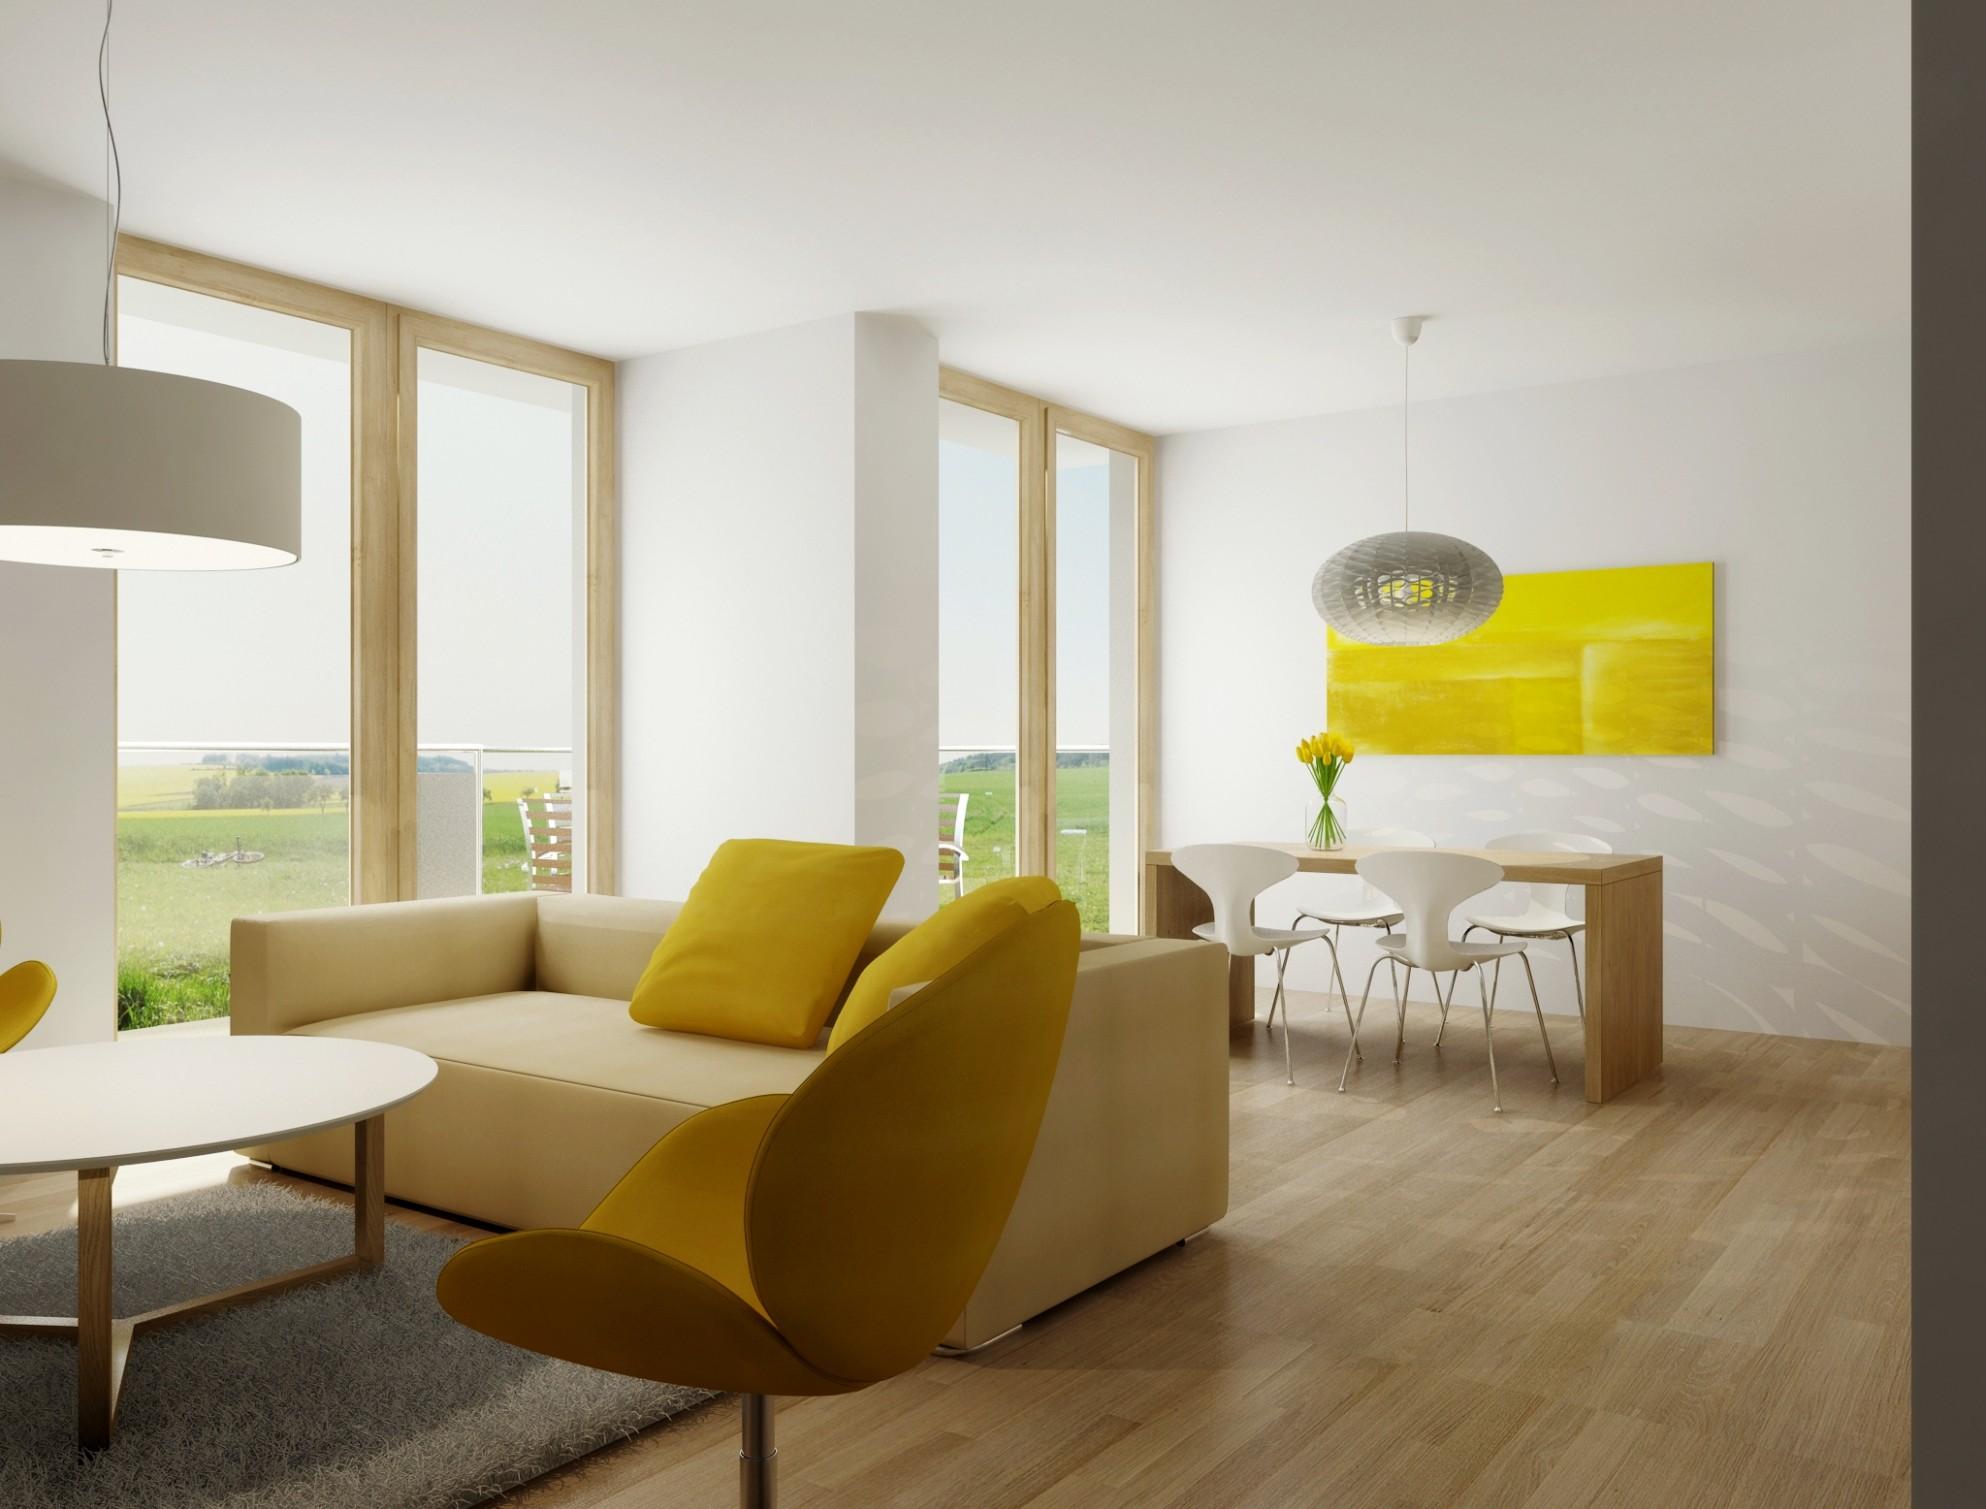 10 Idea Nejchladnější z Interiér obývacího pokoje foto